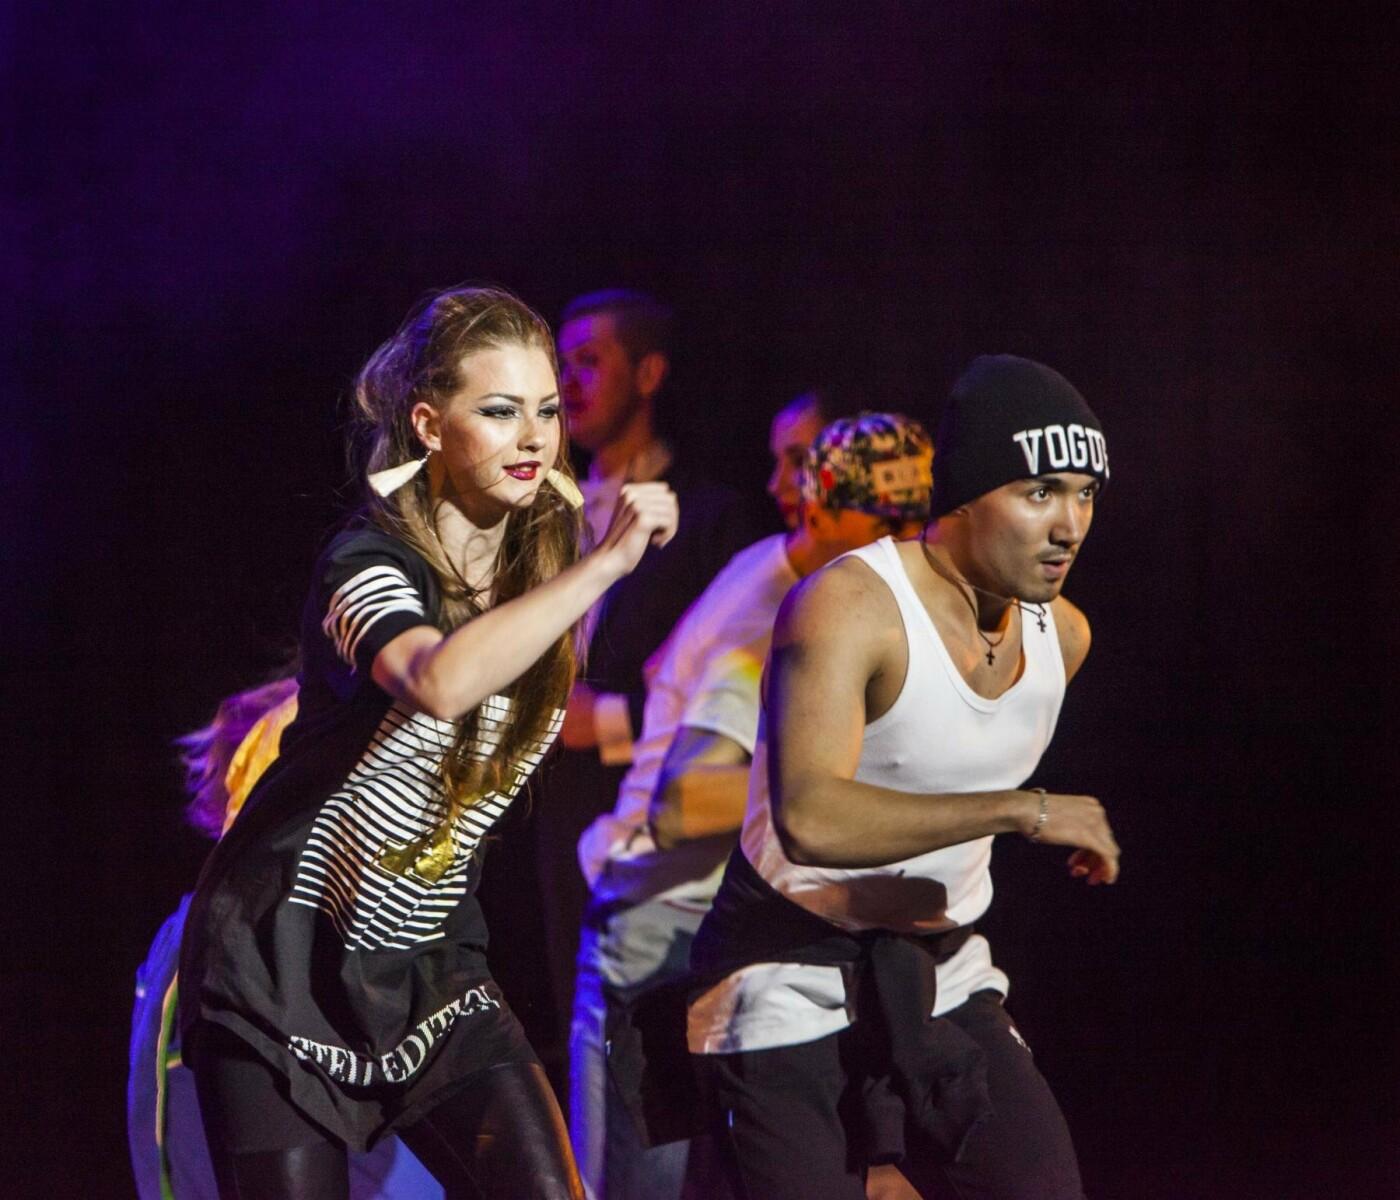 С программой «Избранное» в Ялте выступит Севастопольский Театр Танца имени Вадима Елизарова, фото-1